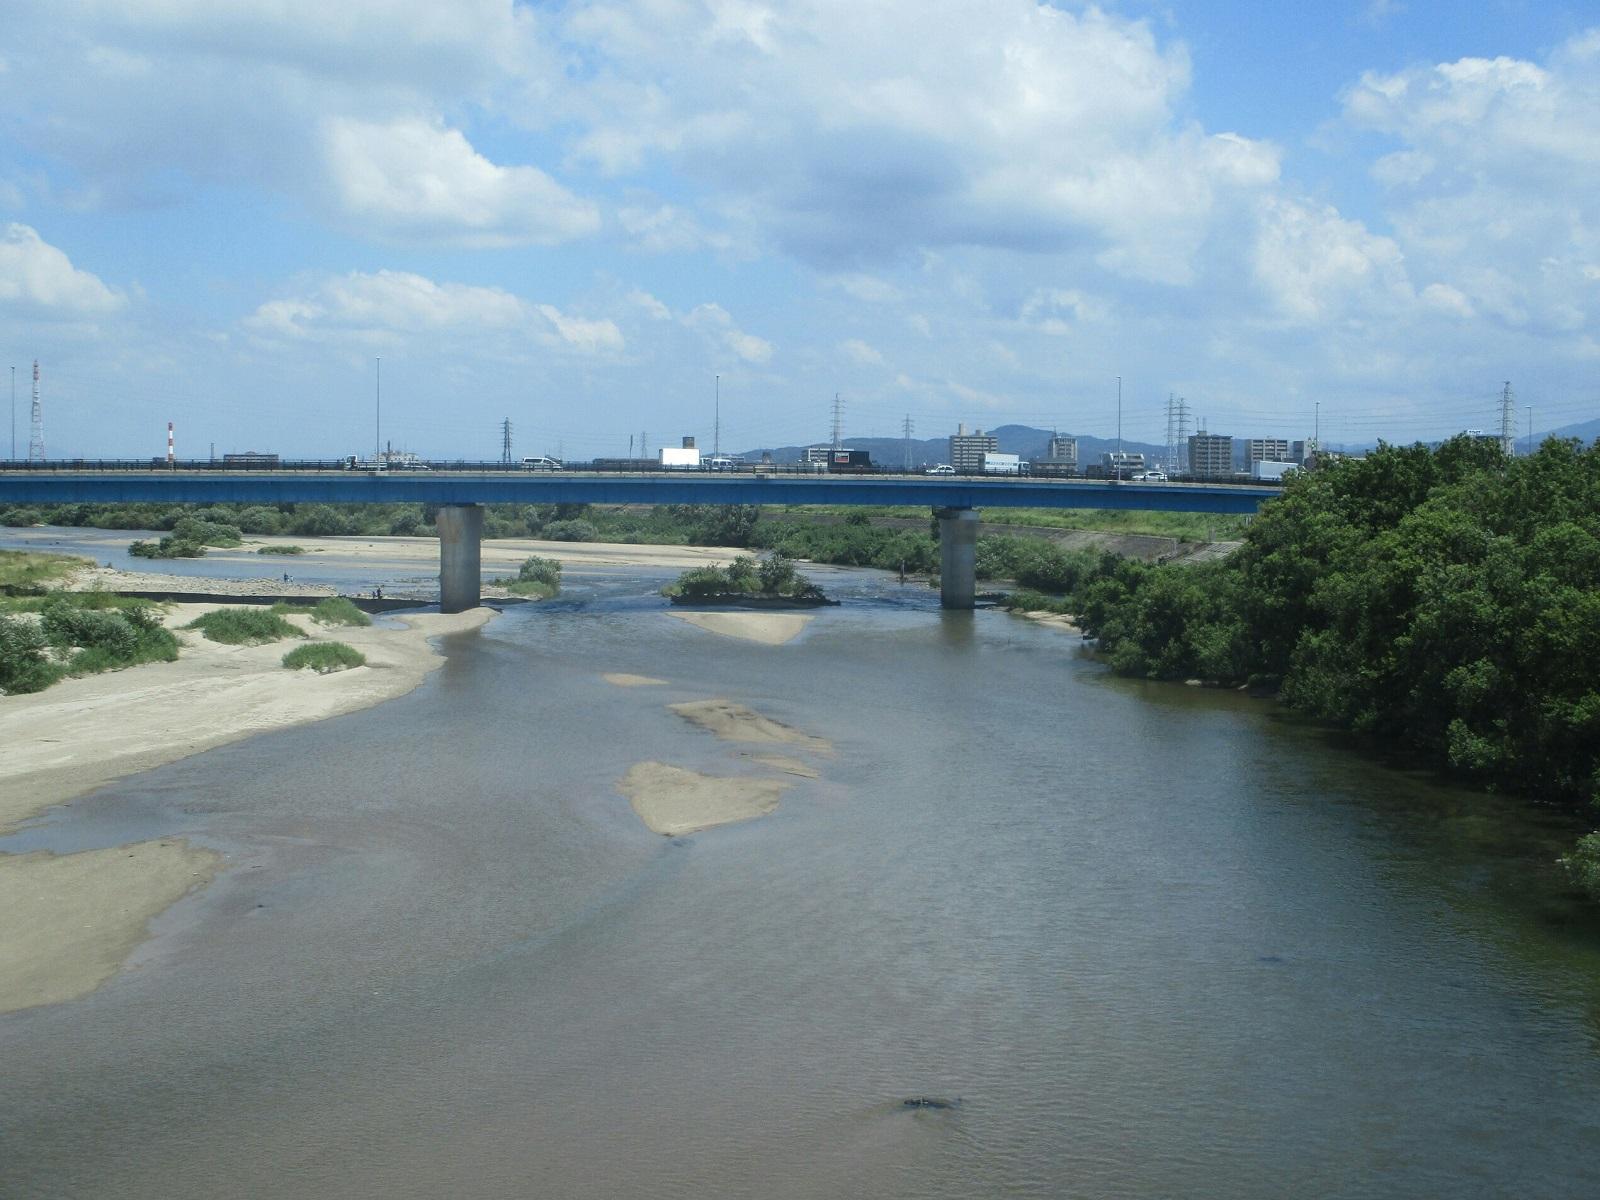 2018.7.31 (7) 東岡崎いきふつう - 矢作川をわたる 1600-1200